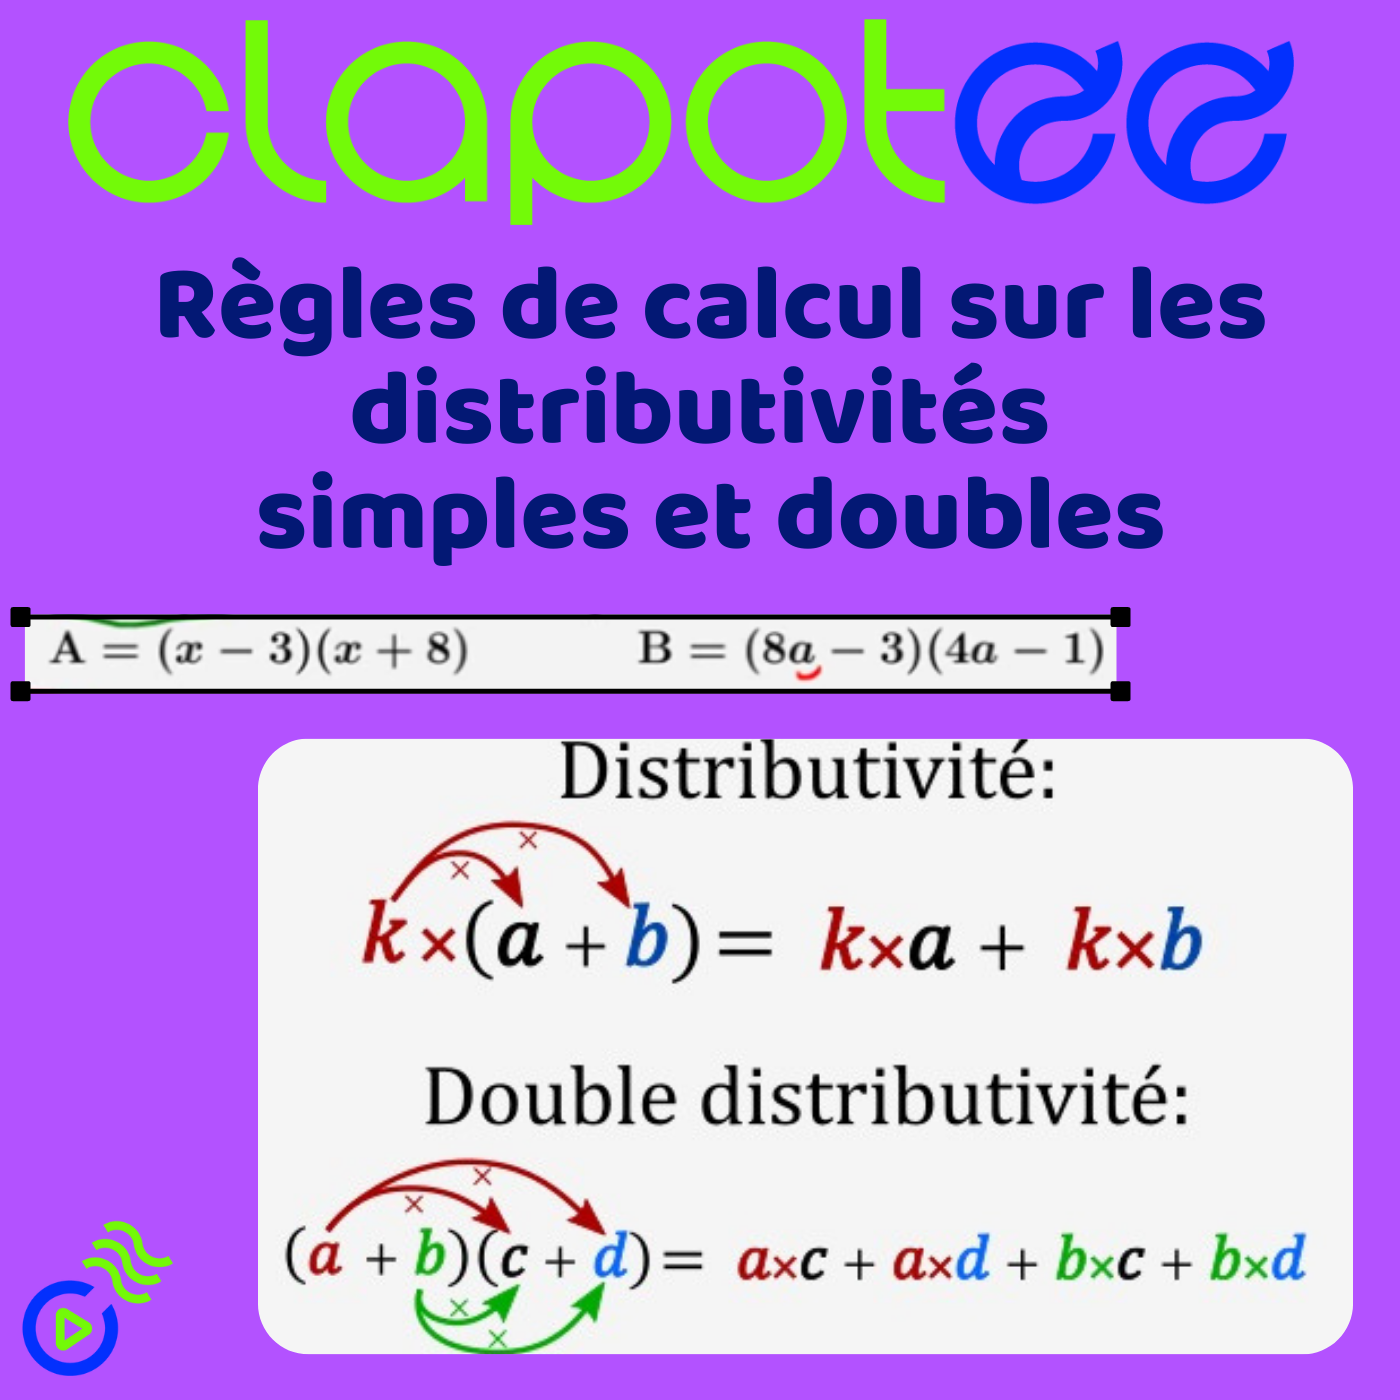 Règles de calcul sur les distributivités simples et doubles.